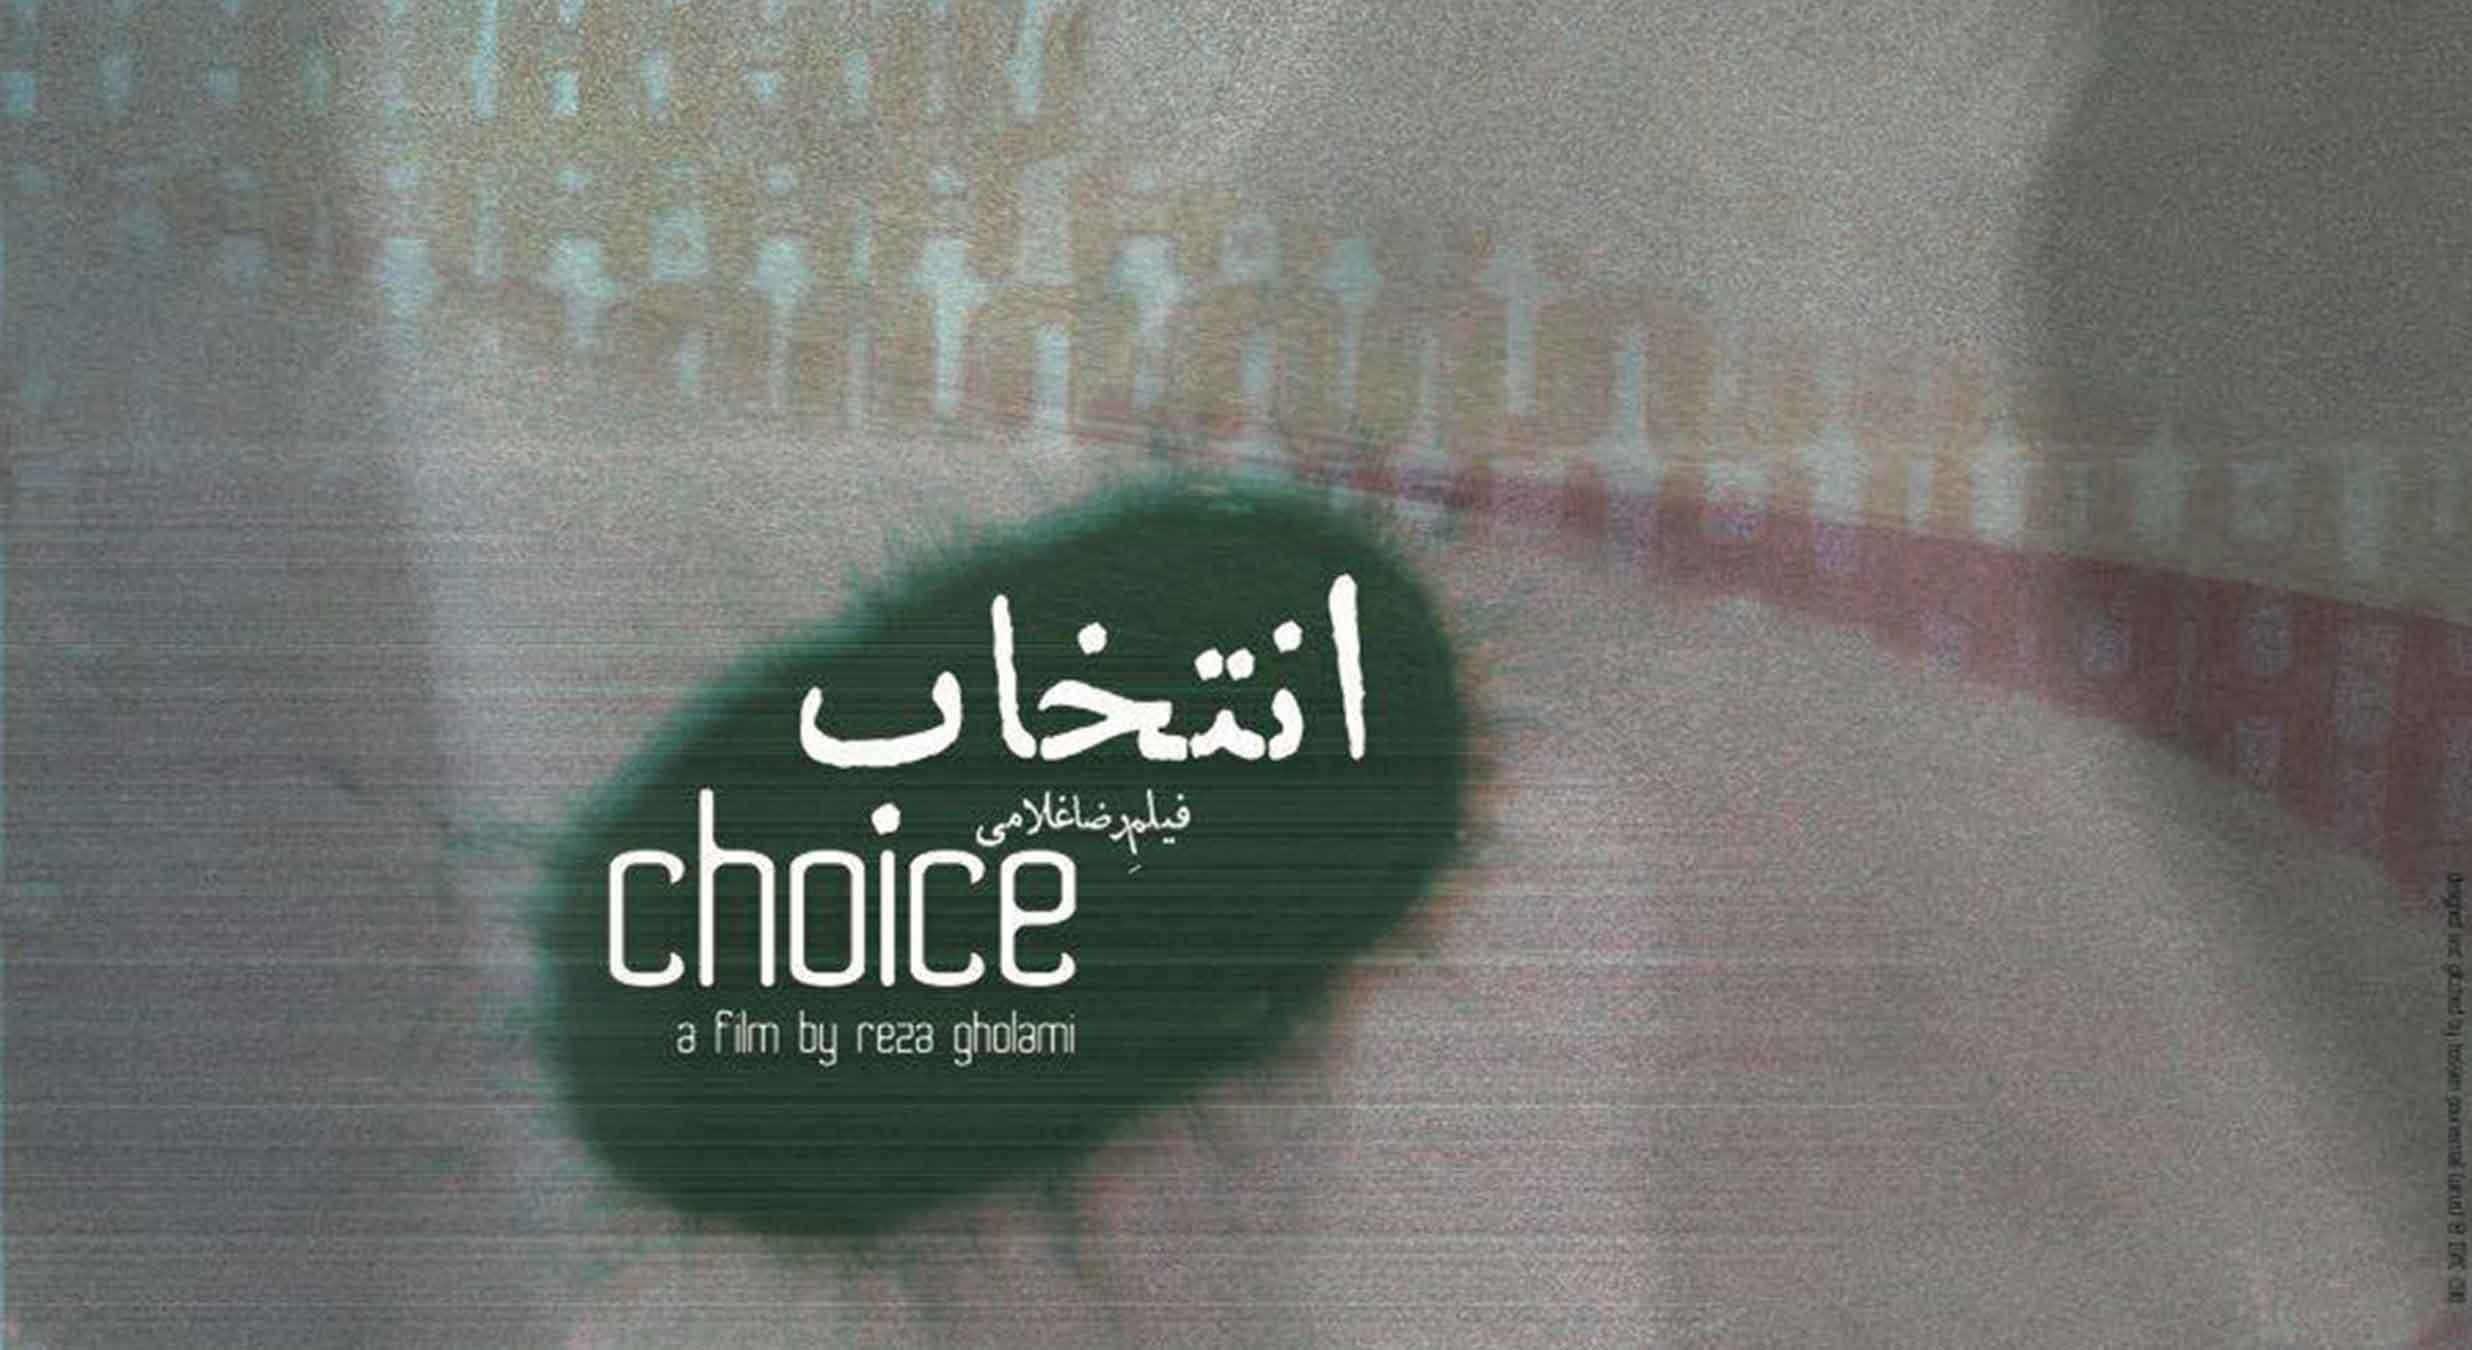 نقد و بررسی فیلم کوتاه انتخاب